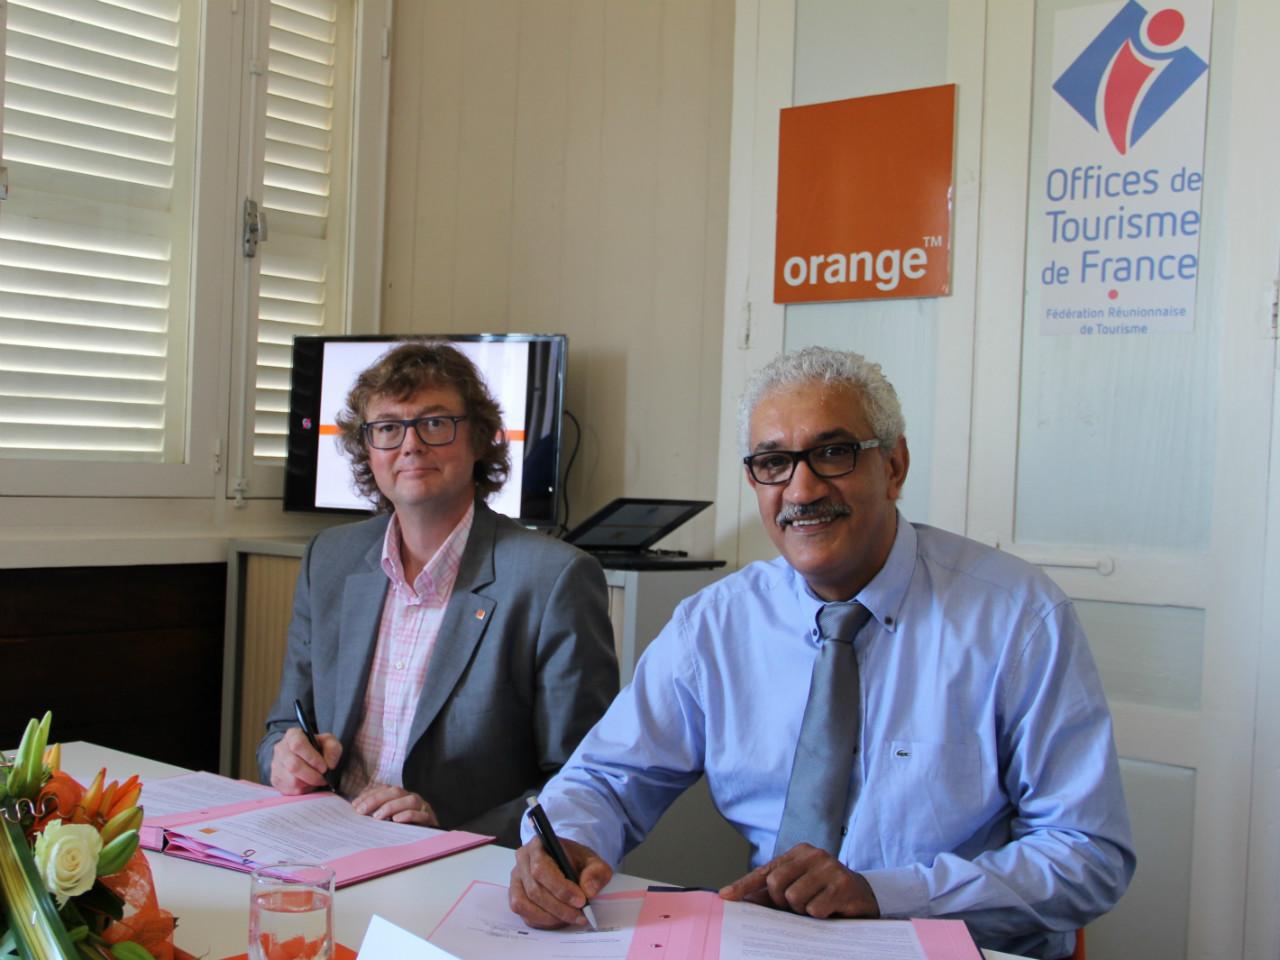 Orange et la Fédération Réunionnaise de Tourisme signent une convention destinée à renforcer leur collaboration dans le développement de l'usage des TIC auprès des Prestataires Touristiques